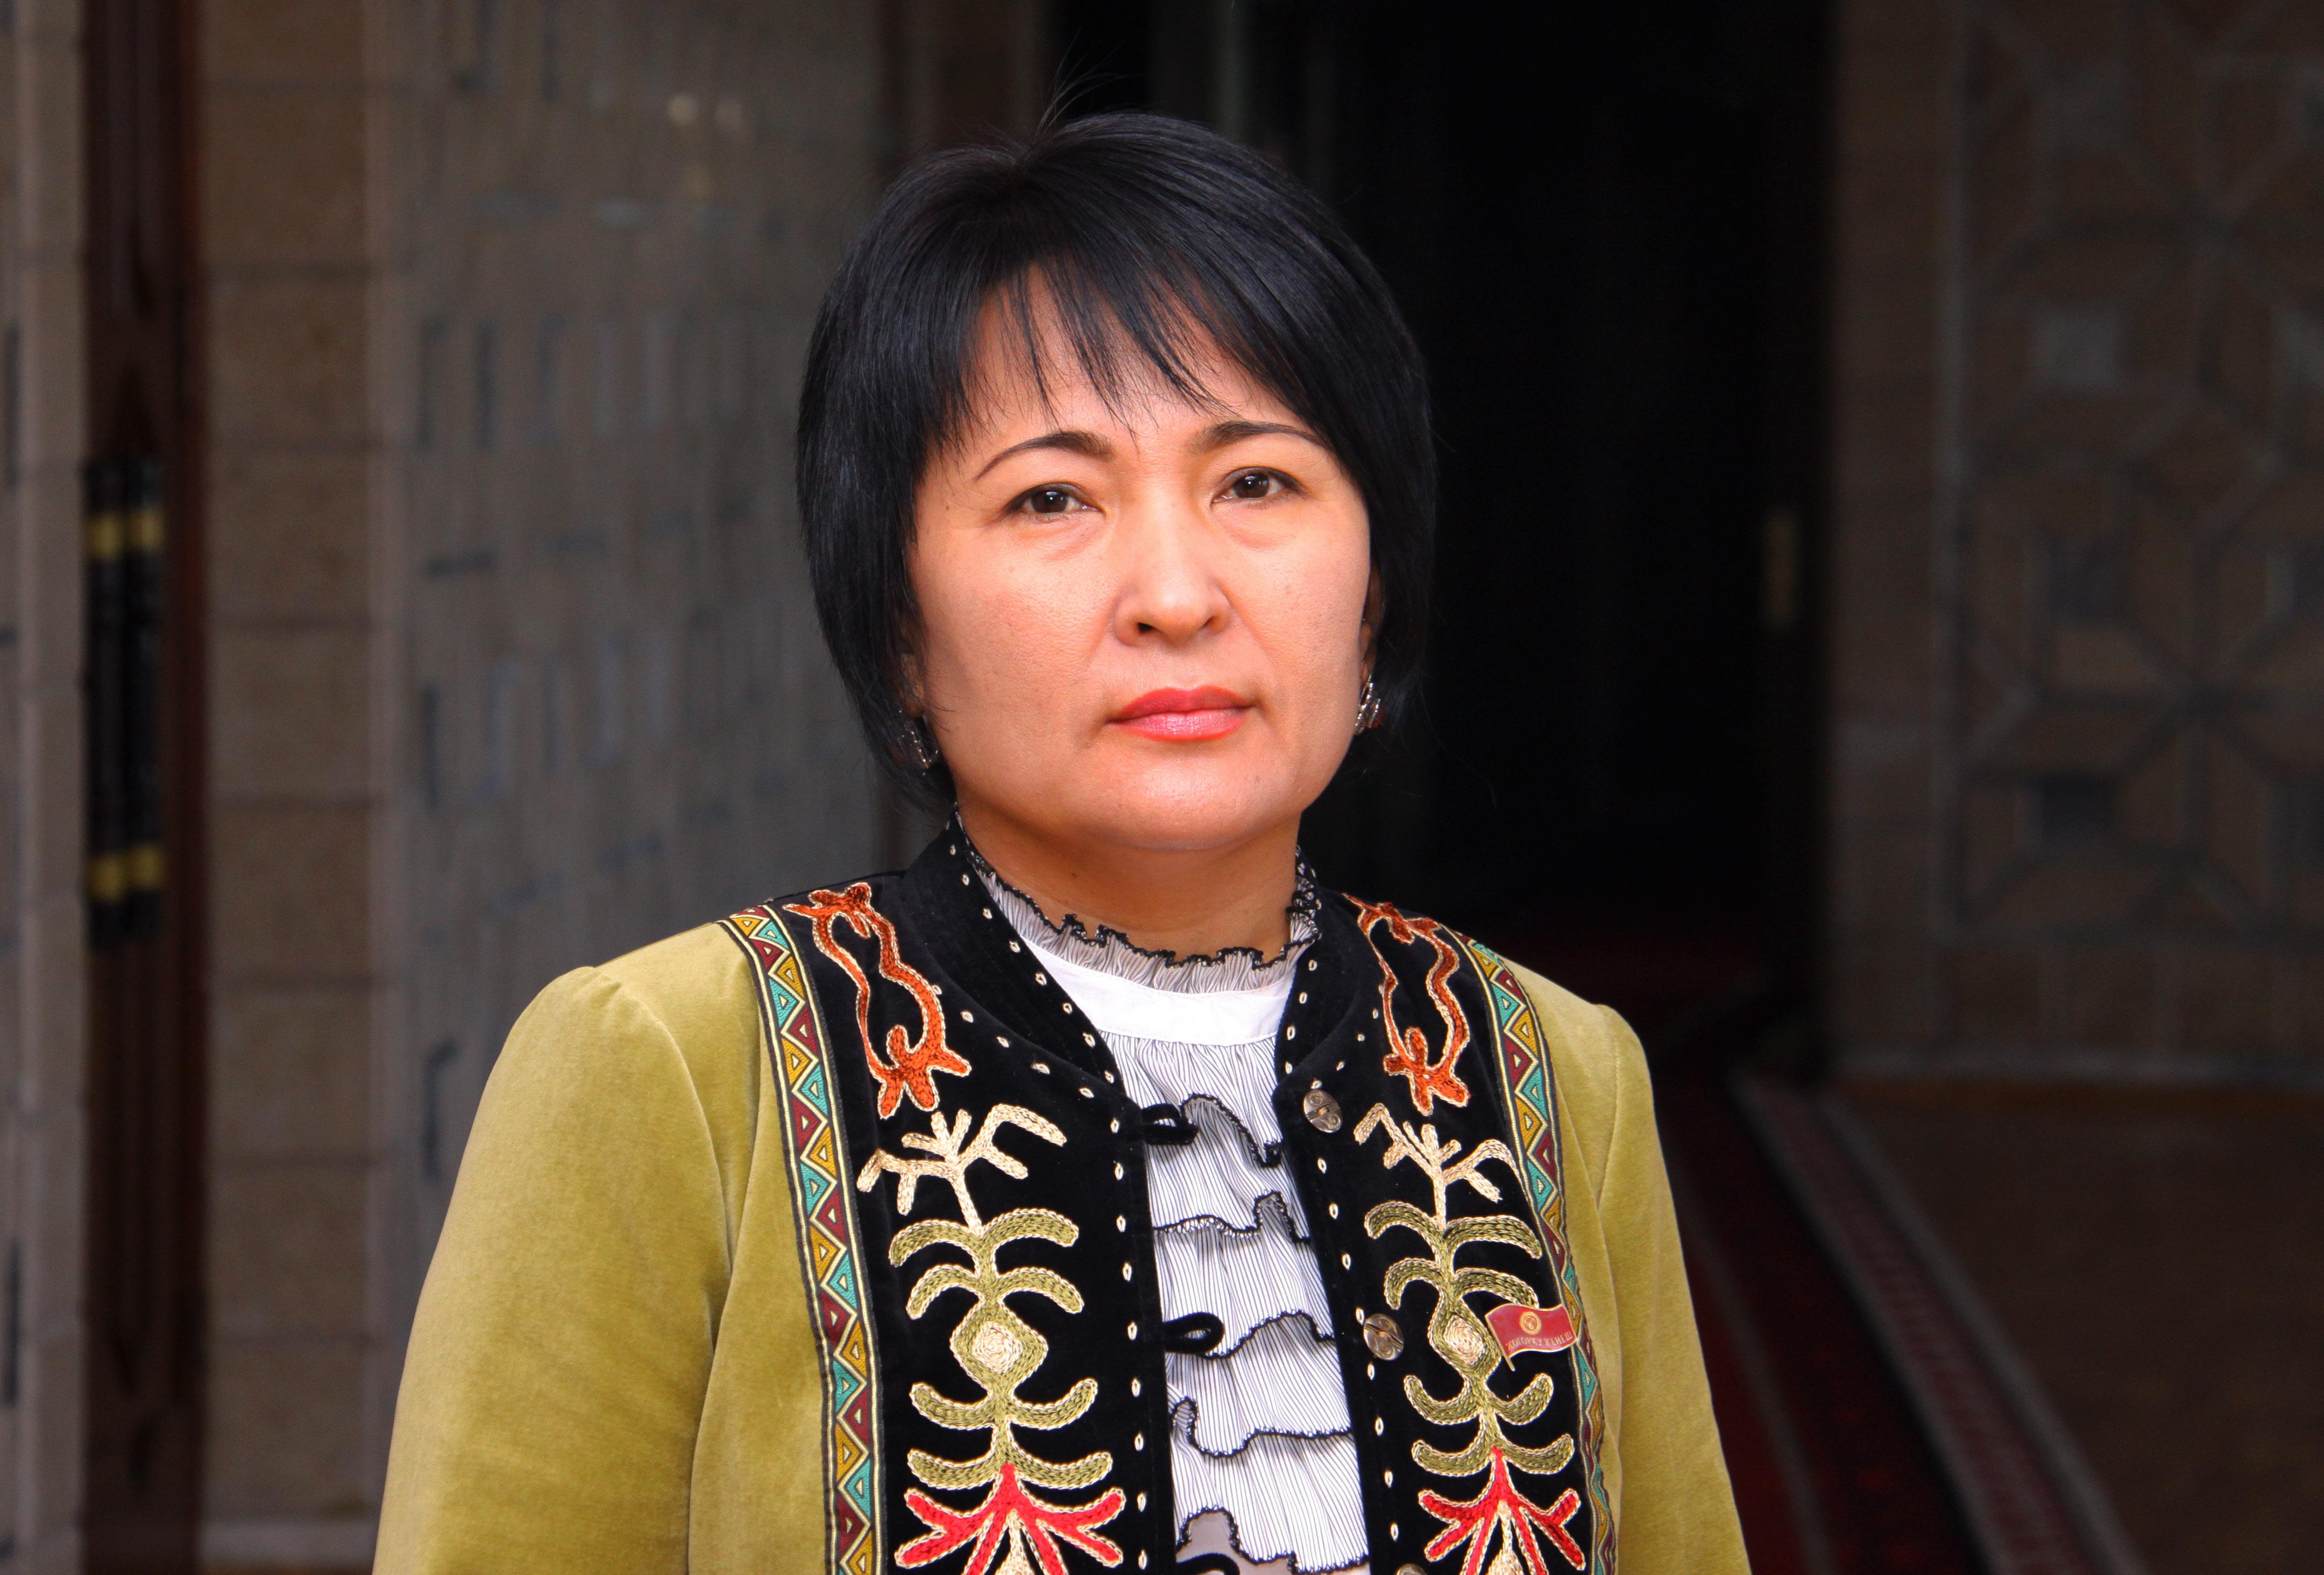 Камила Талиева, бывший министр культуры.